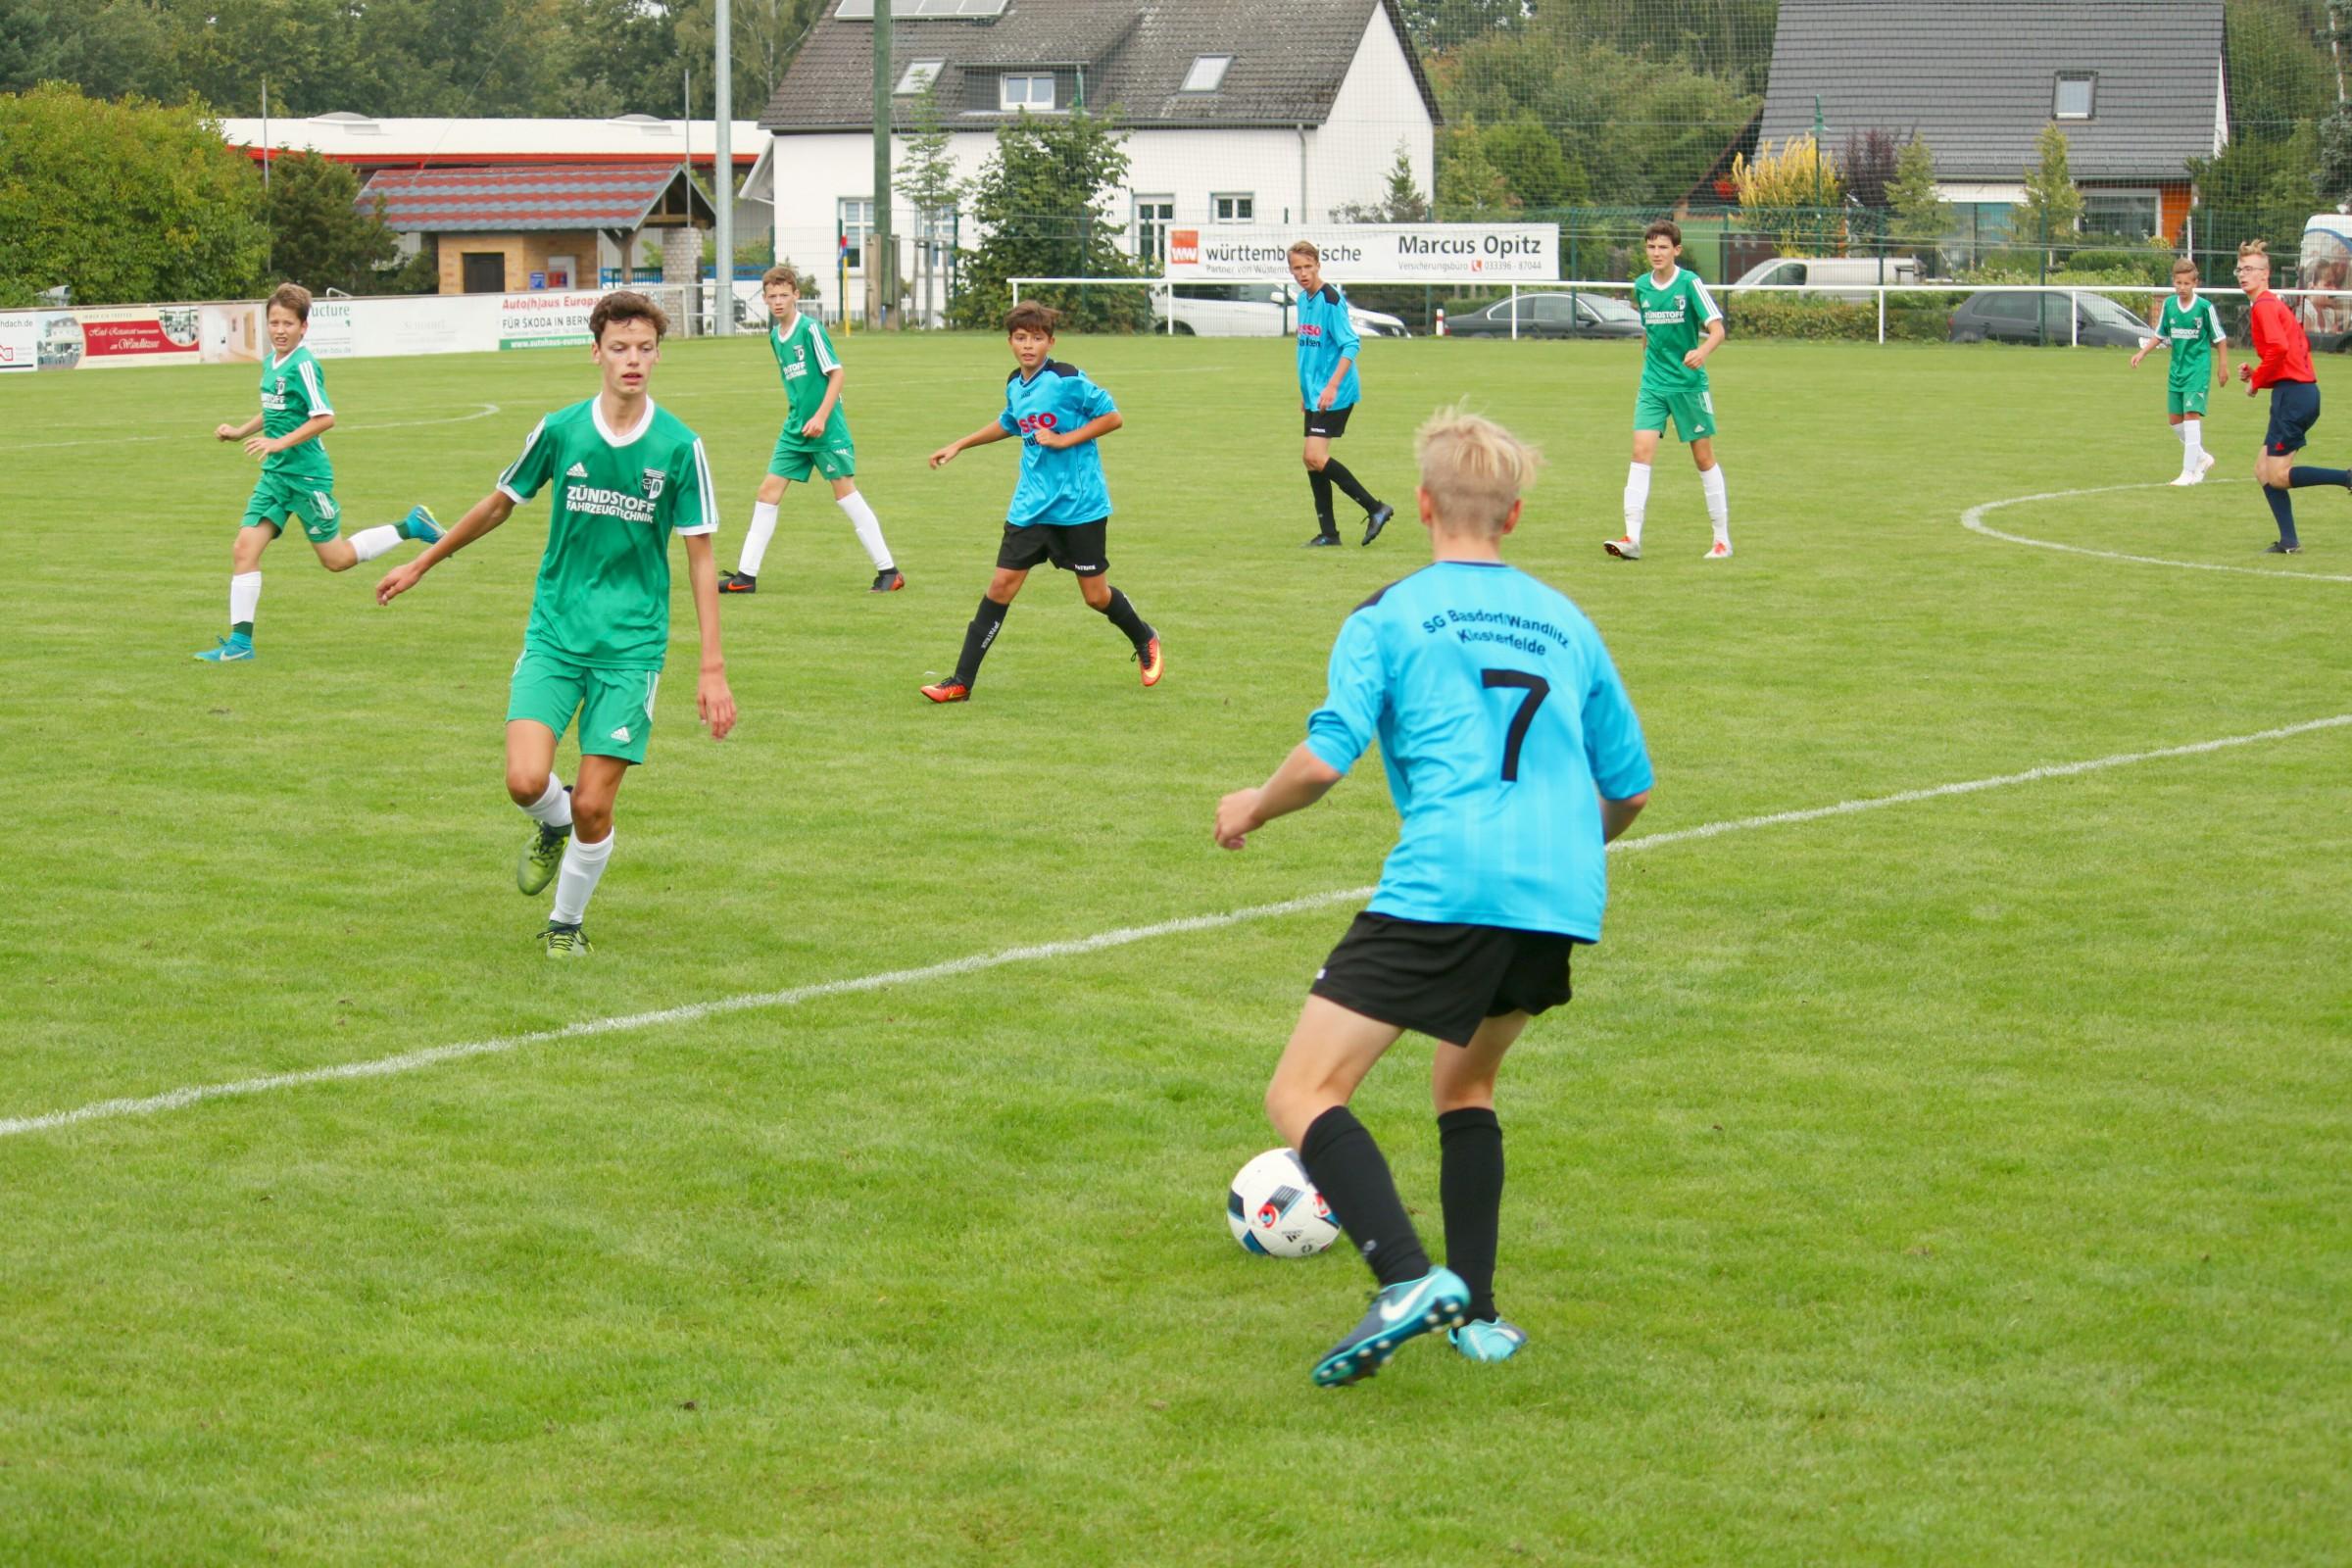 20180902 Punktspiel C1-Junioren Landesklasso Ost gegen Grün-Weiß Brieselang 6-0 Erfolg (27)